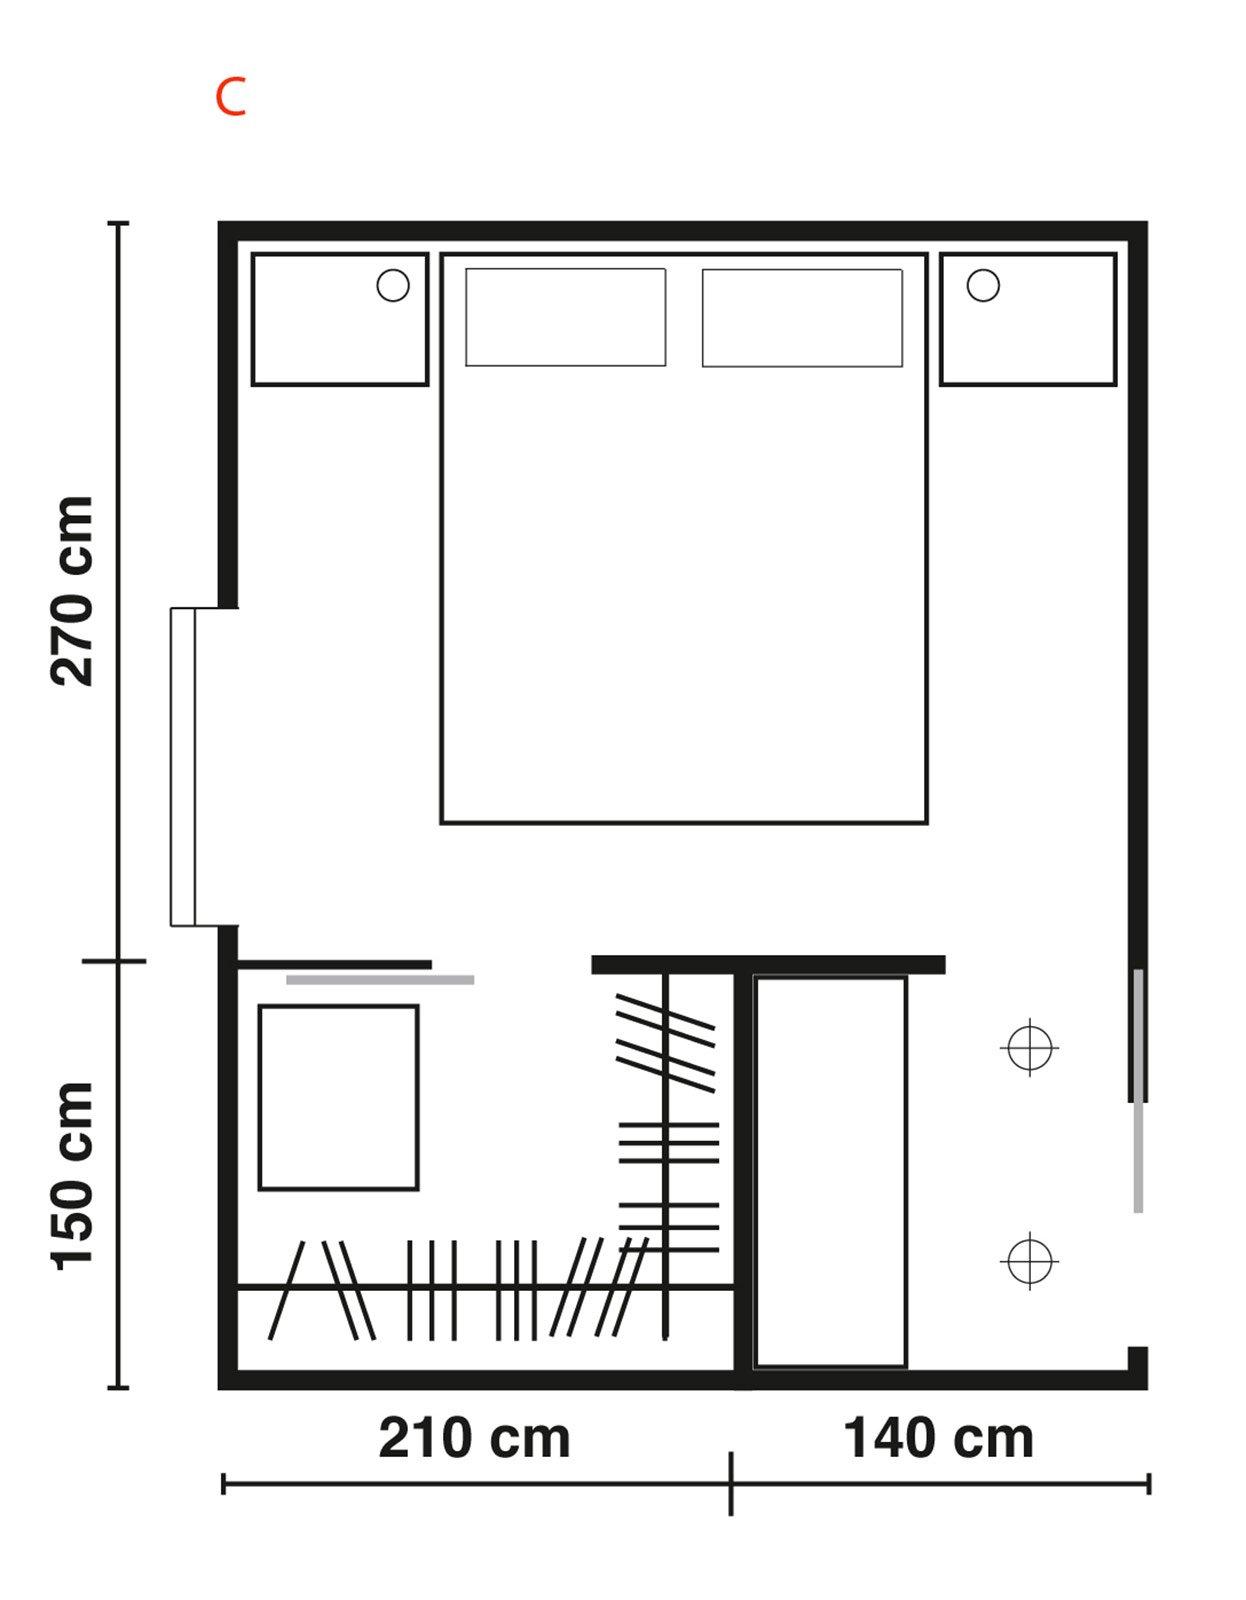 Cabine armadio progettiamo insieme lo spazio cose di casa for Disegni della casa della cabina di ceppo